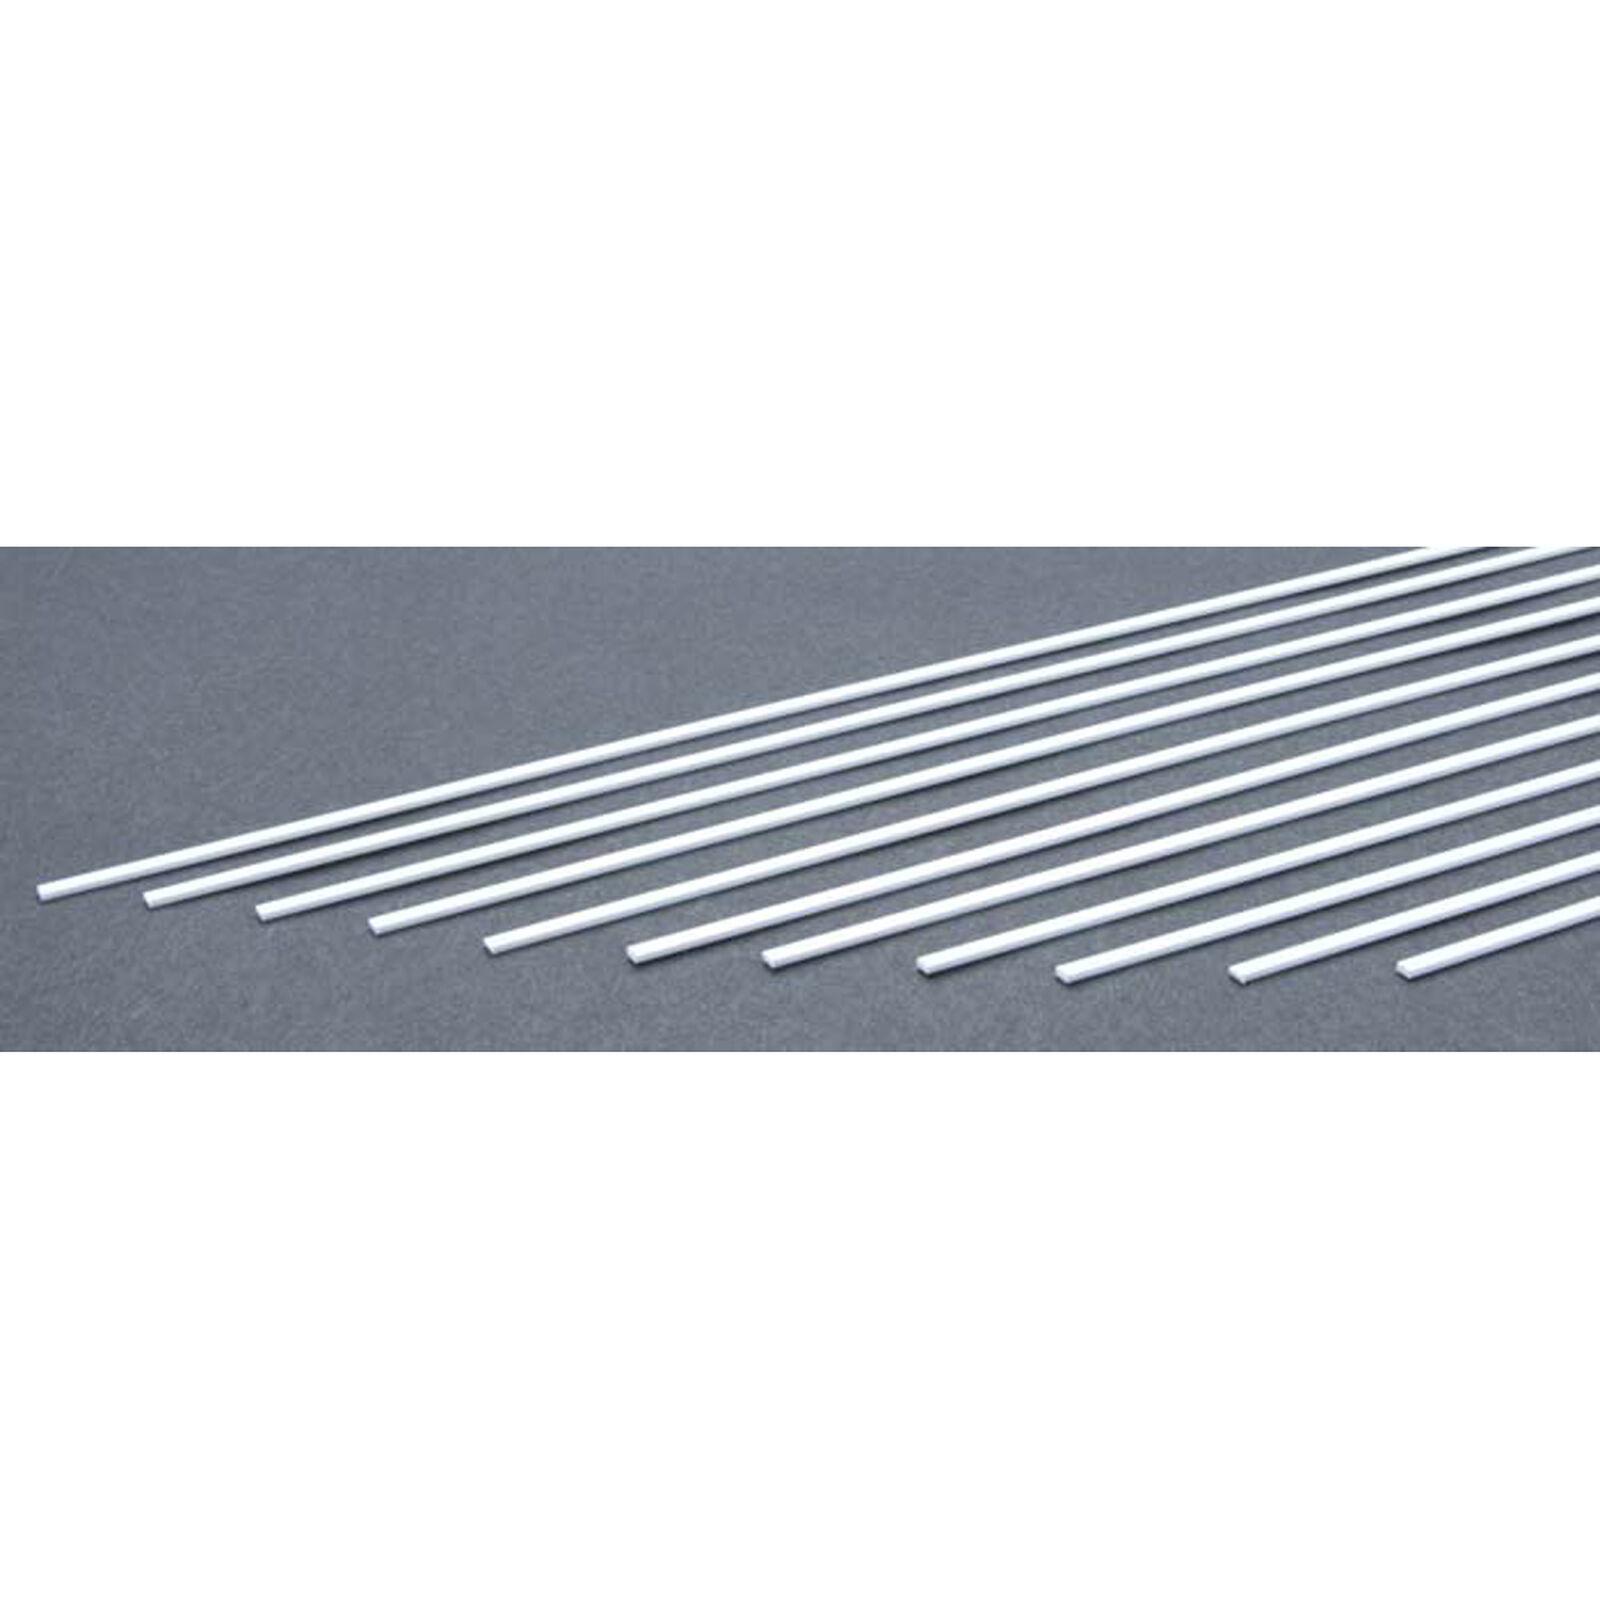 Strip .020 x .100 (10)